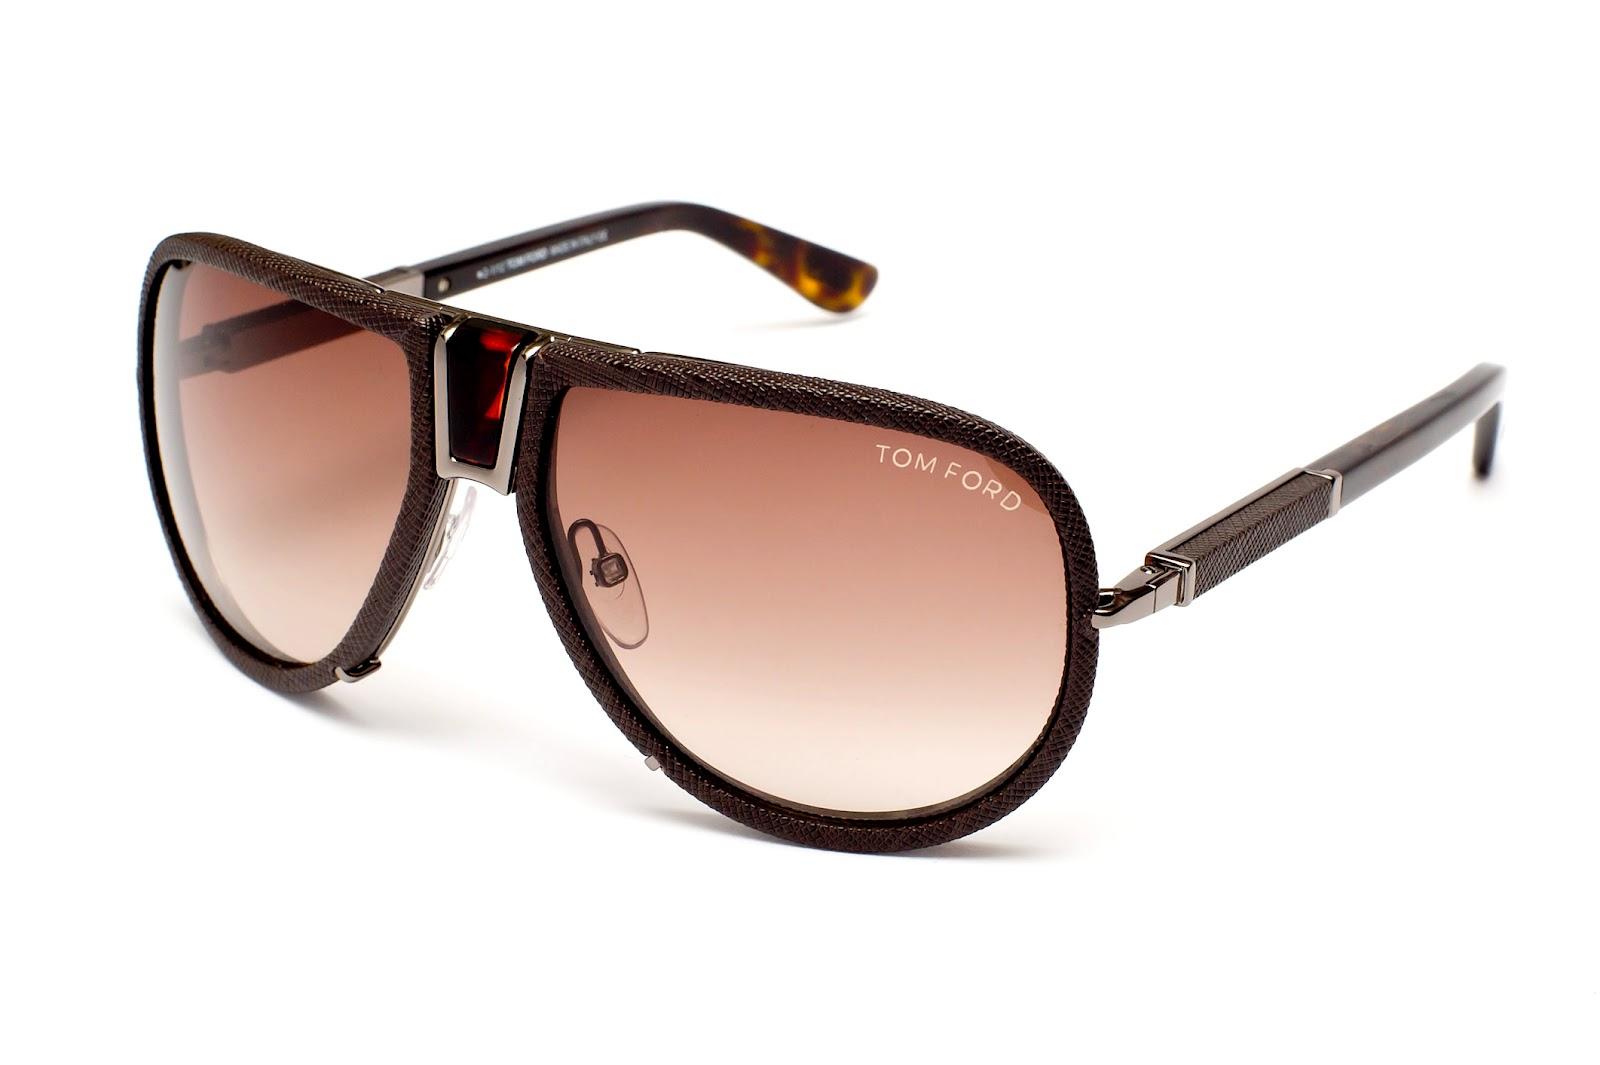 Óculos Solar Tom Ford Humphrey armacao em metal revestida em couro legitimo 1c145613c1